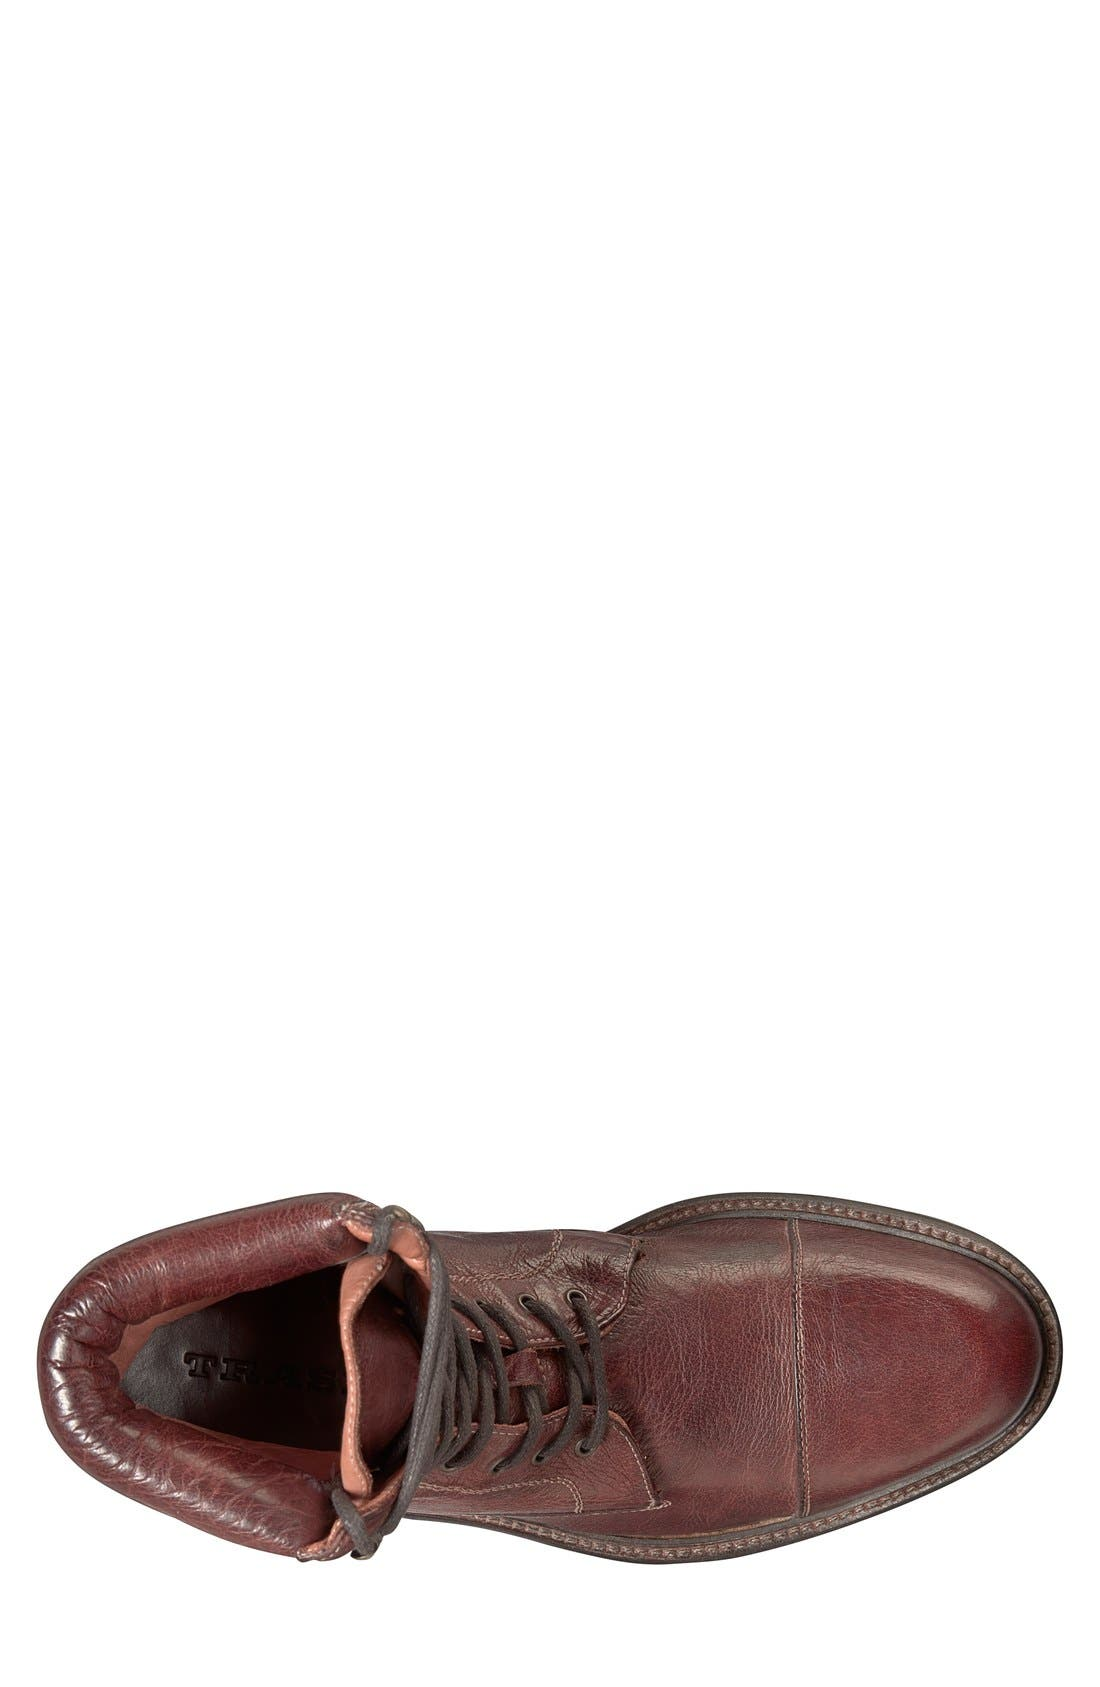 'Ronan' Cap Toe Boot,                             Alternate thumbnail 6, color,